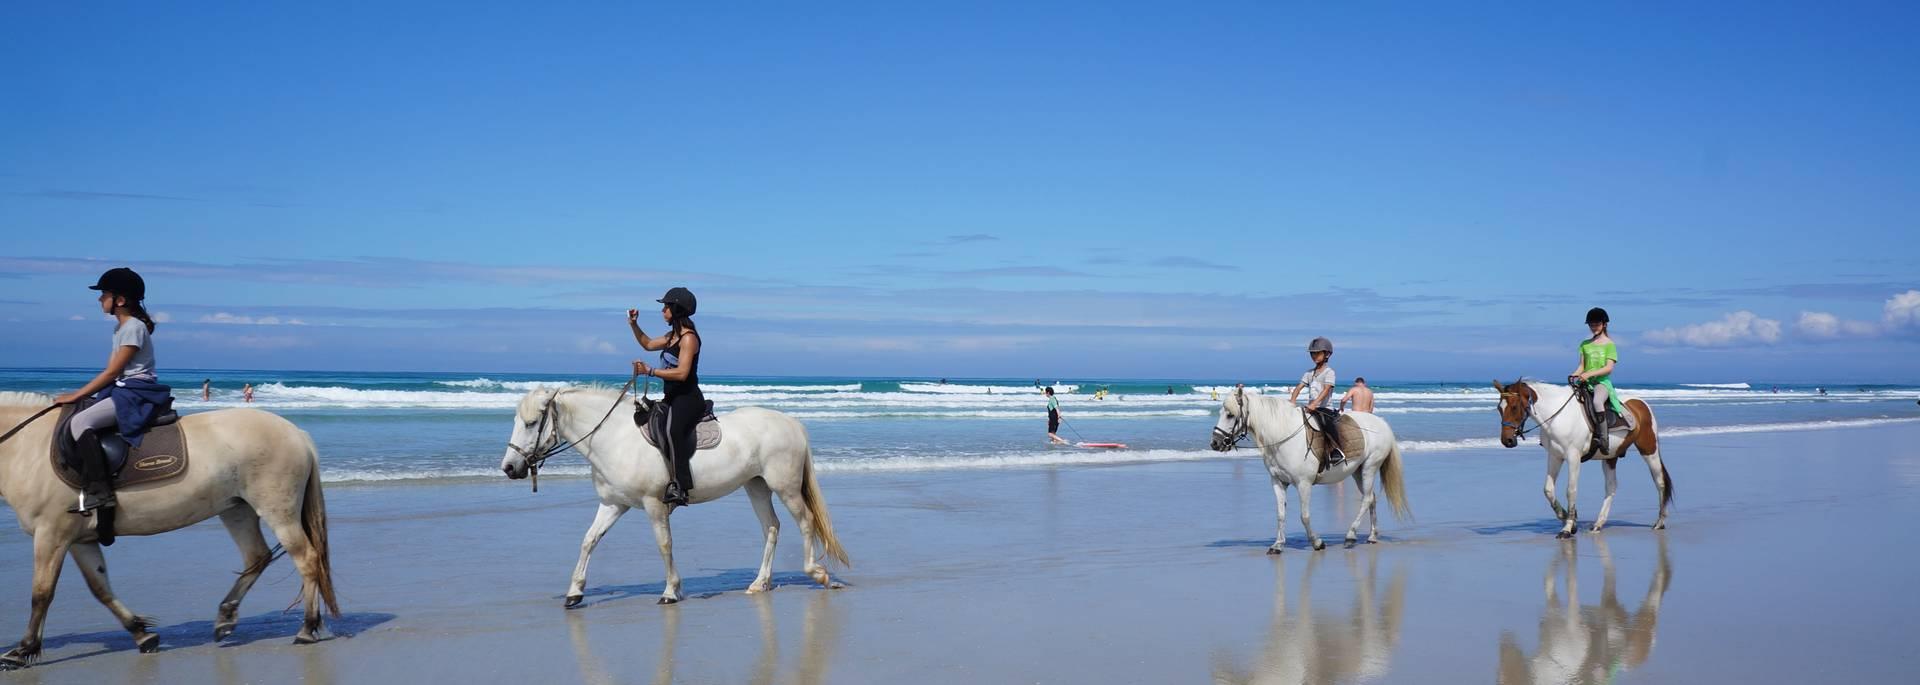 Que faire, que visiter à Saint Jean Trolimon ? Balade à cheval le long de la Baie d'Audierne ©EvaCléret